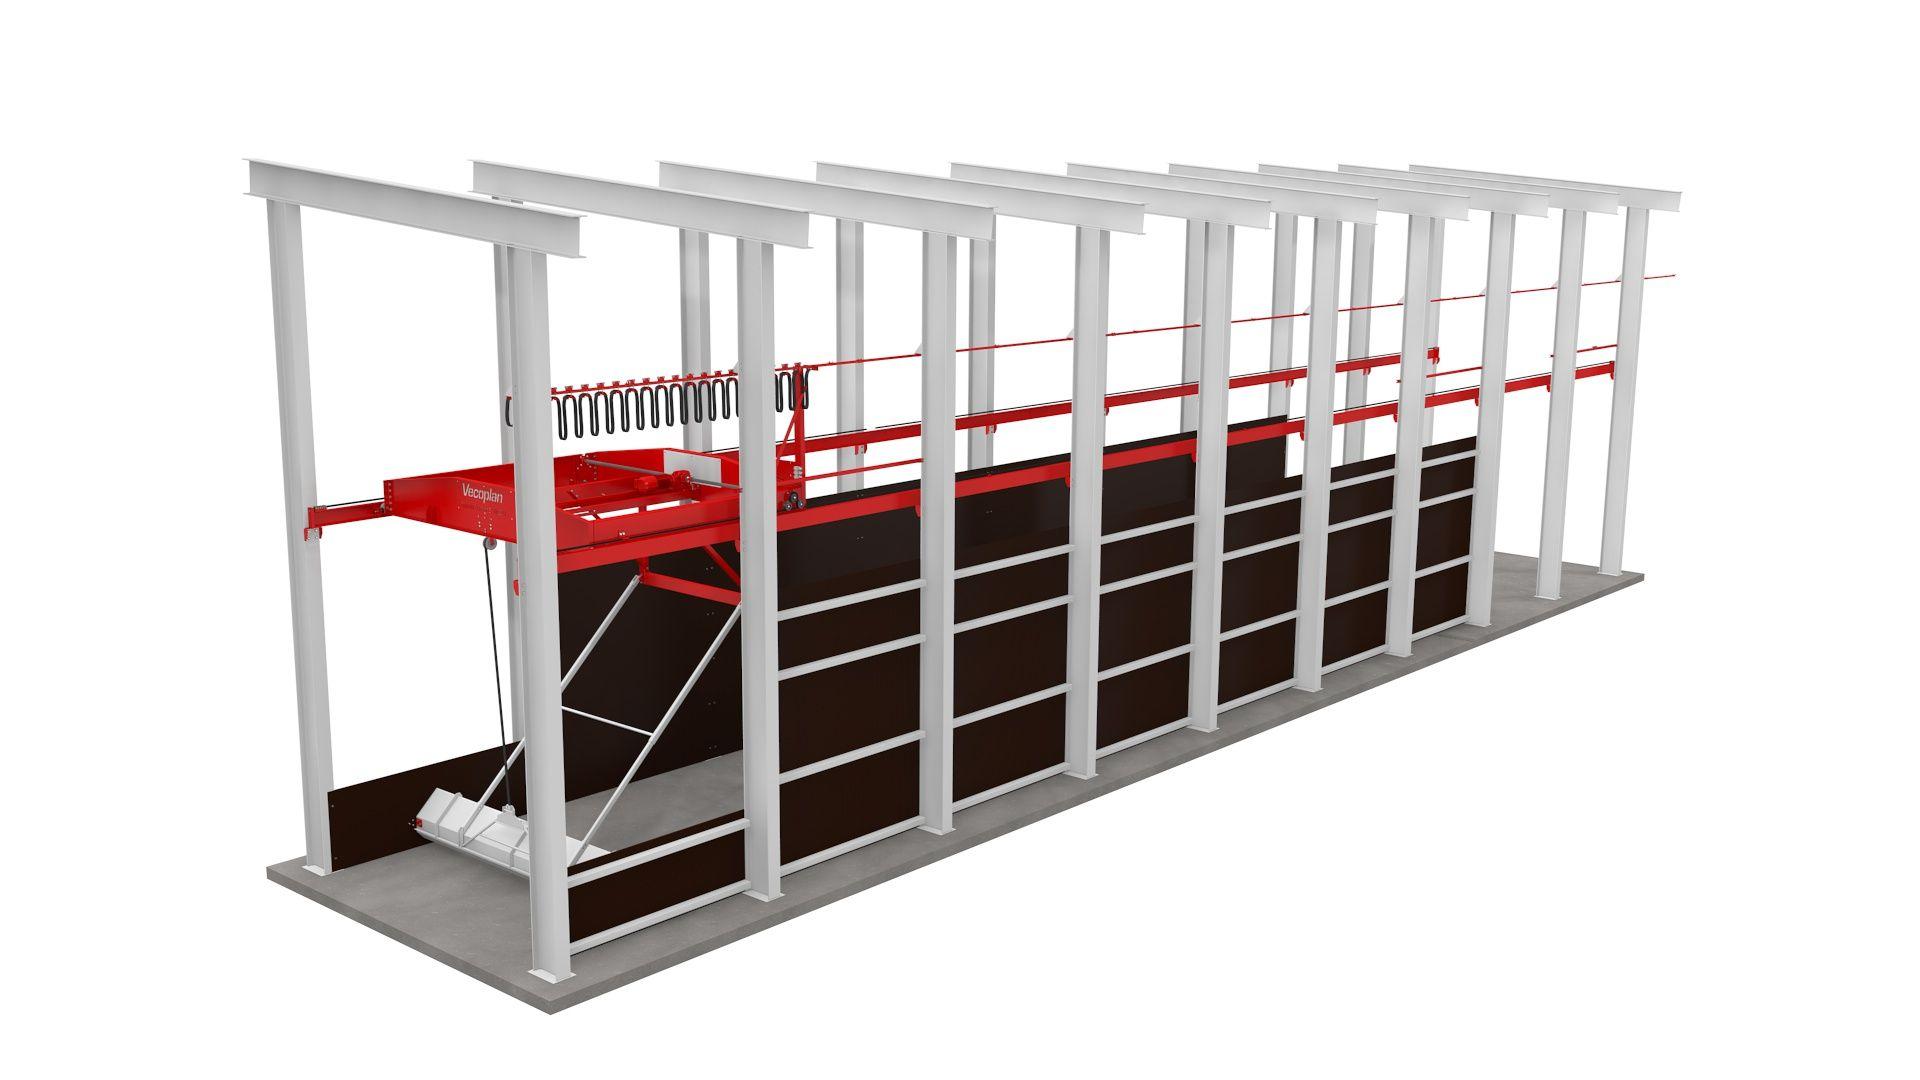 Принцип работы автоматизированного склада Toploader (3D модель)